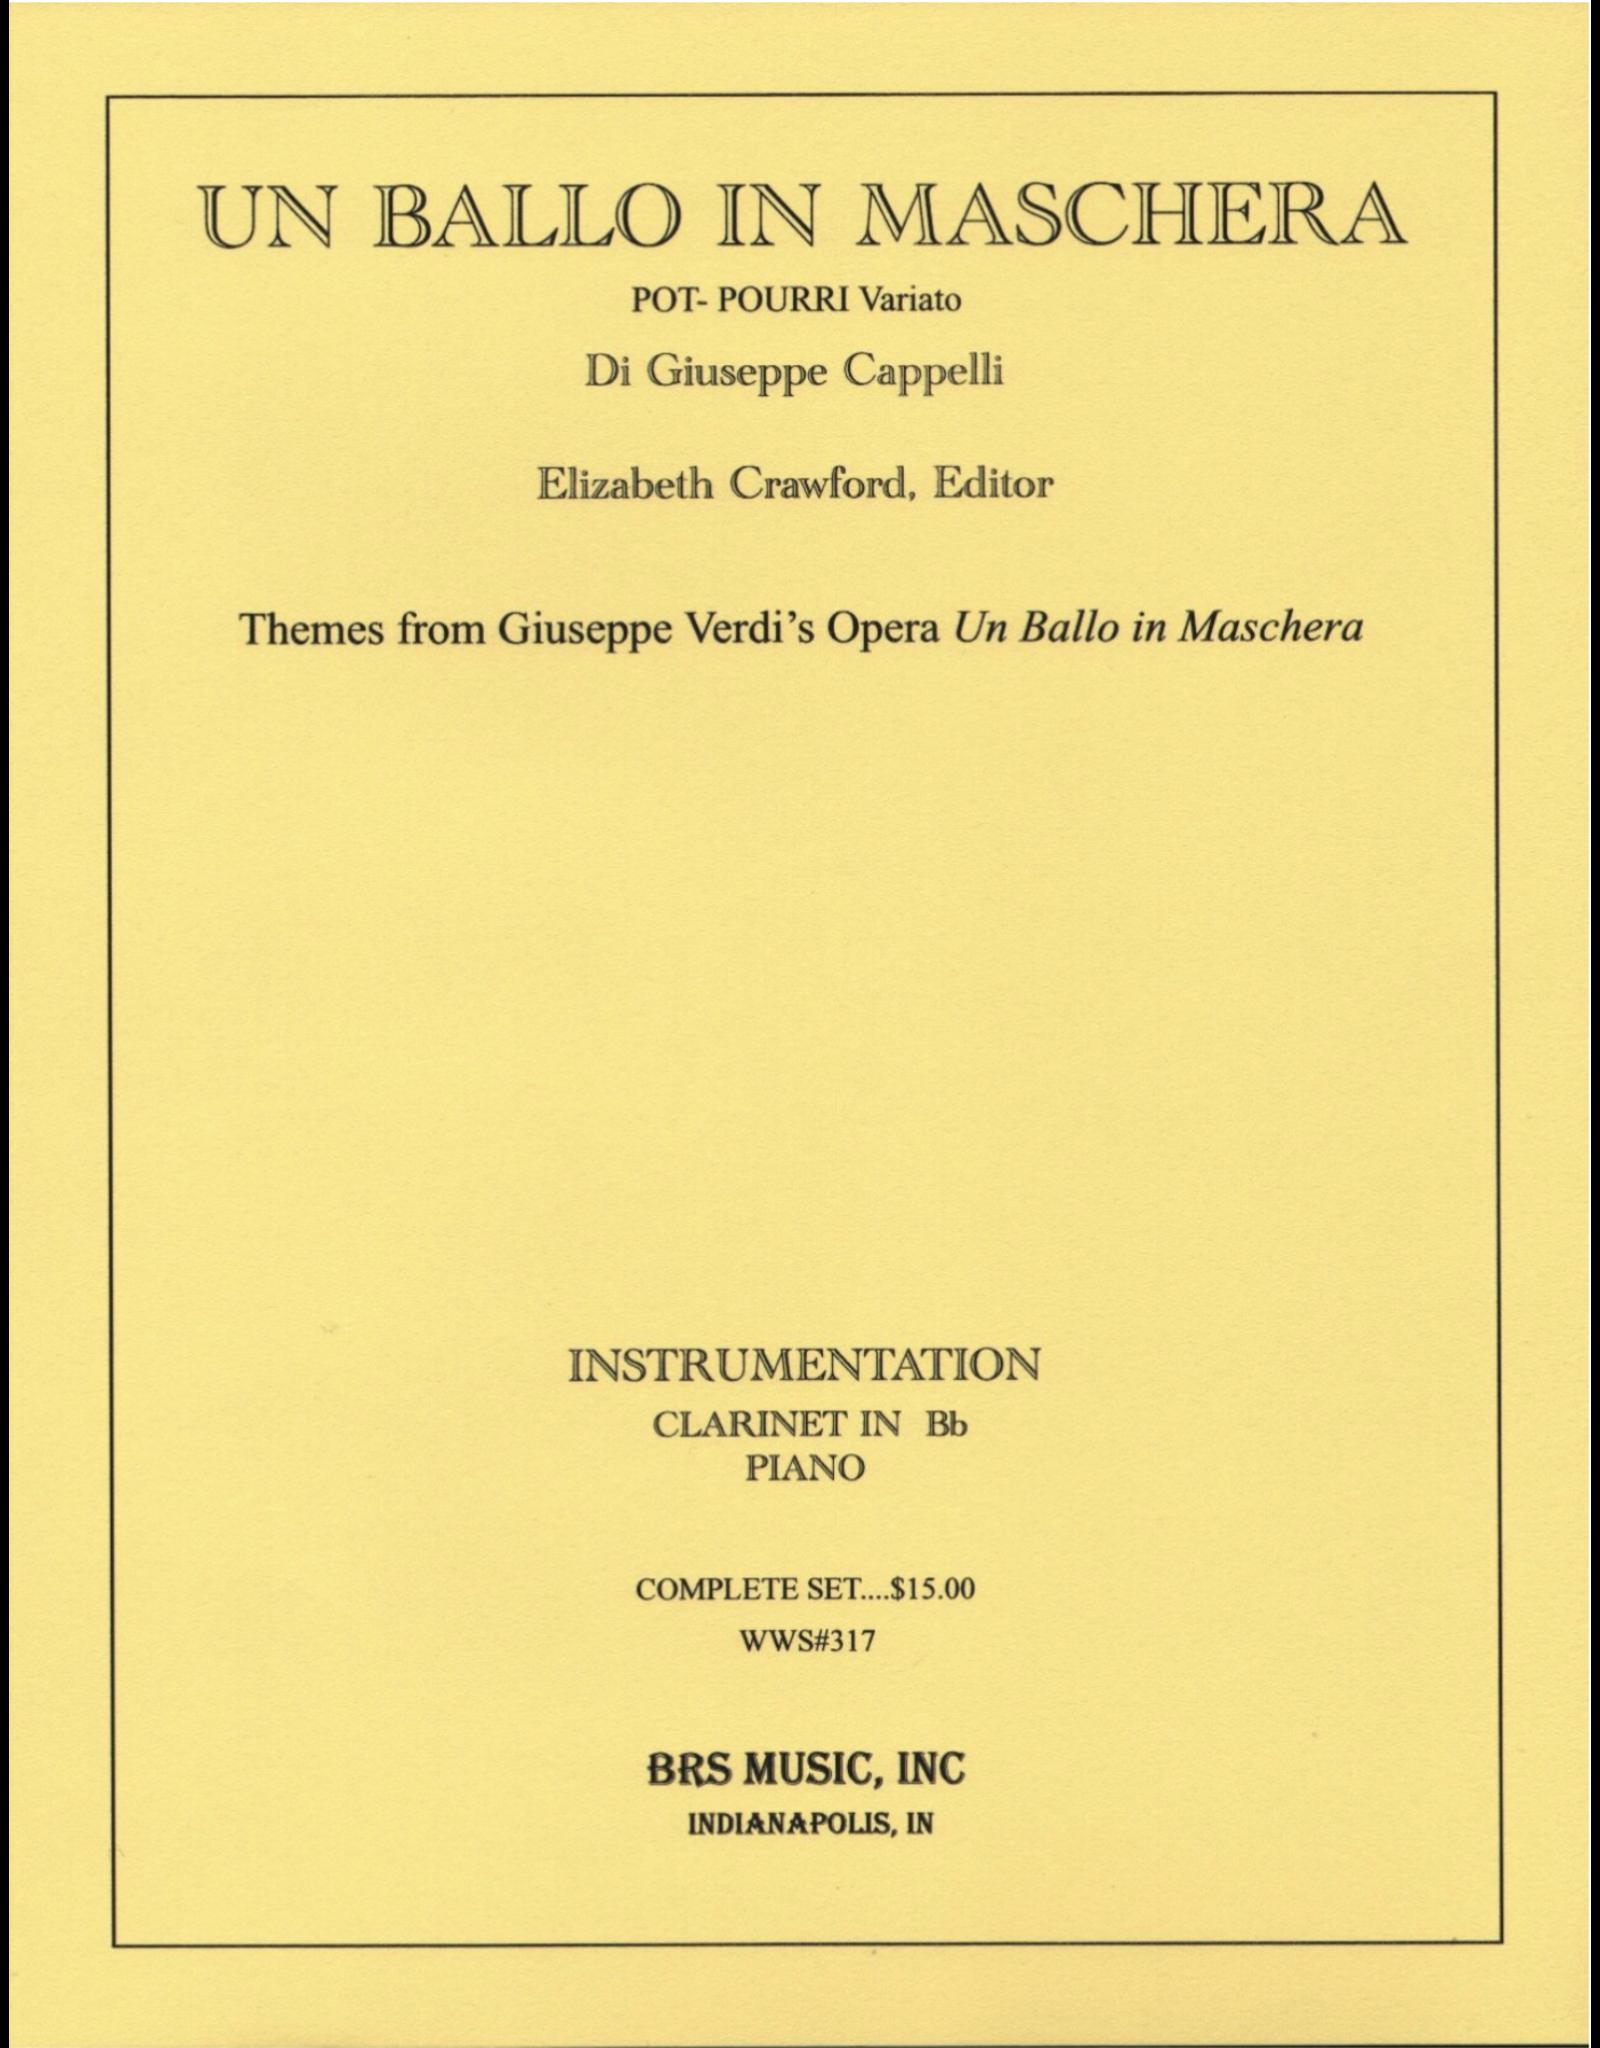 Generic Cappelli - Un Ballo in Maschera For Clarinet and Piano